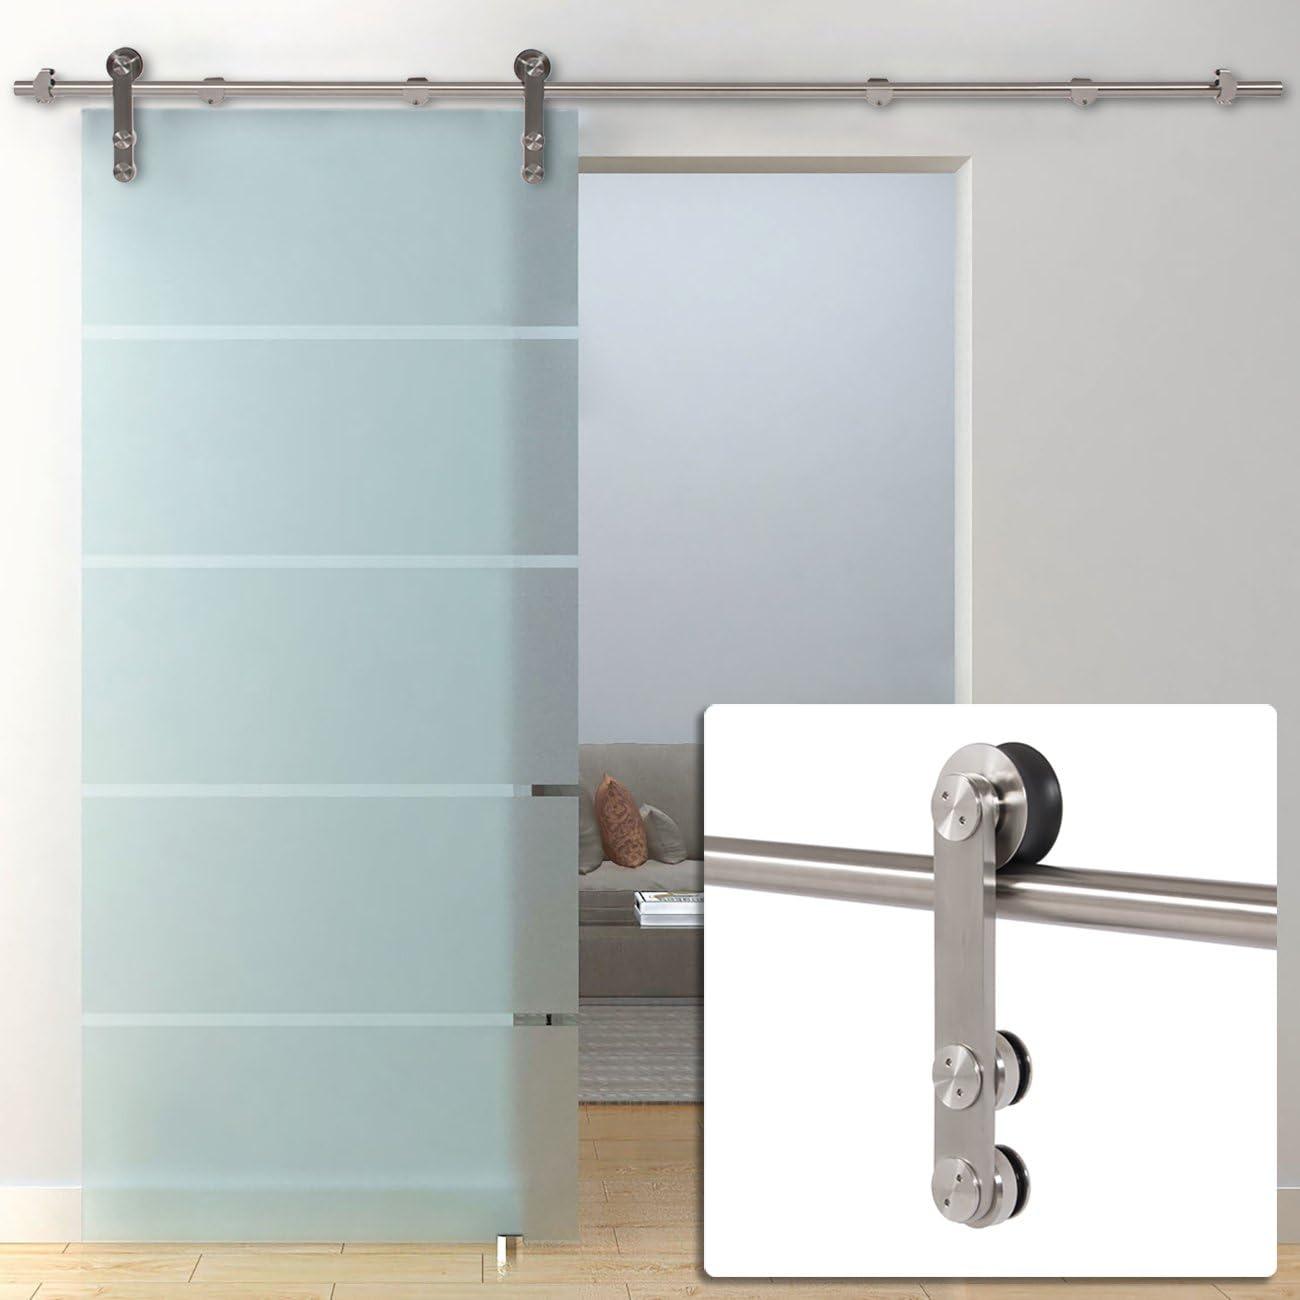 belleze puerta corredera pista hardware estilo moderno granero puerta de cristal, acero inoxidable, 6.6 ft: Amazon.es: Bricolaje y herramientas